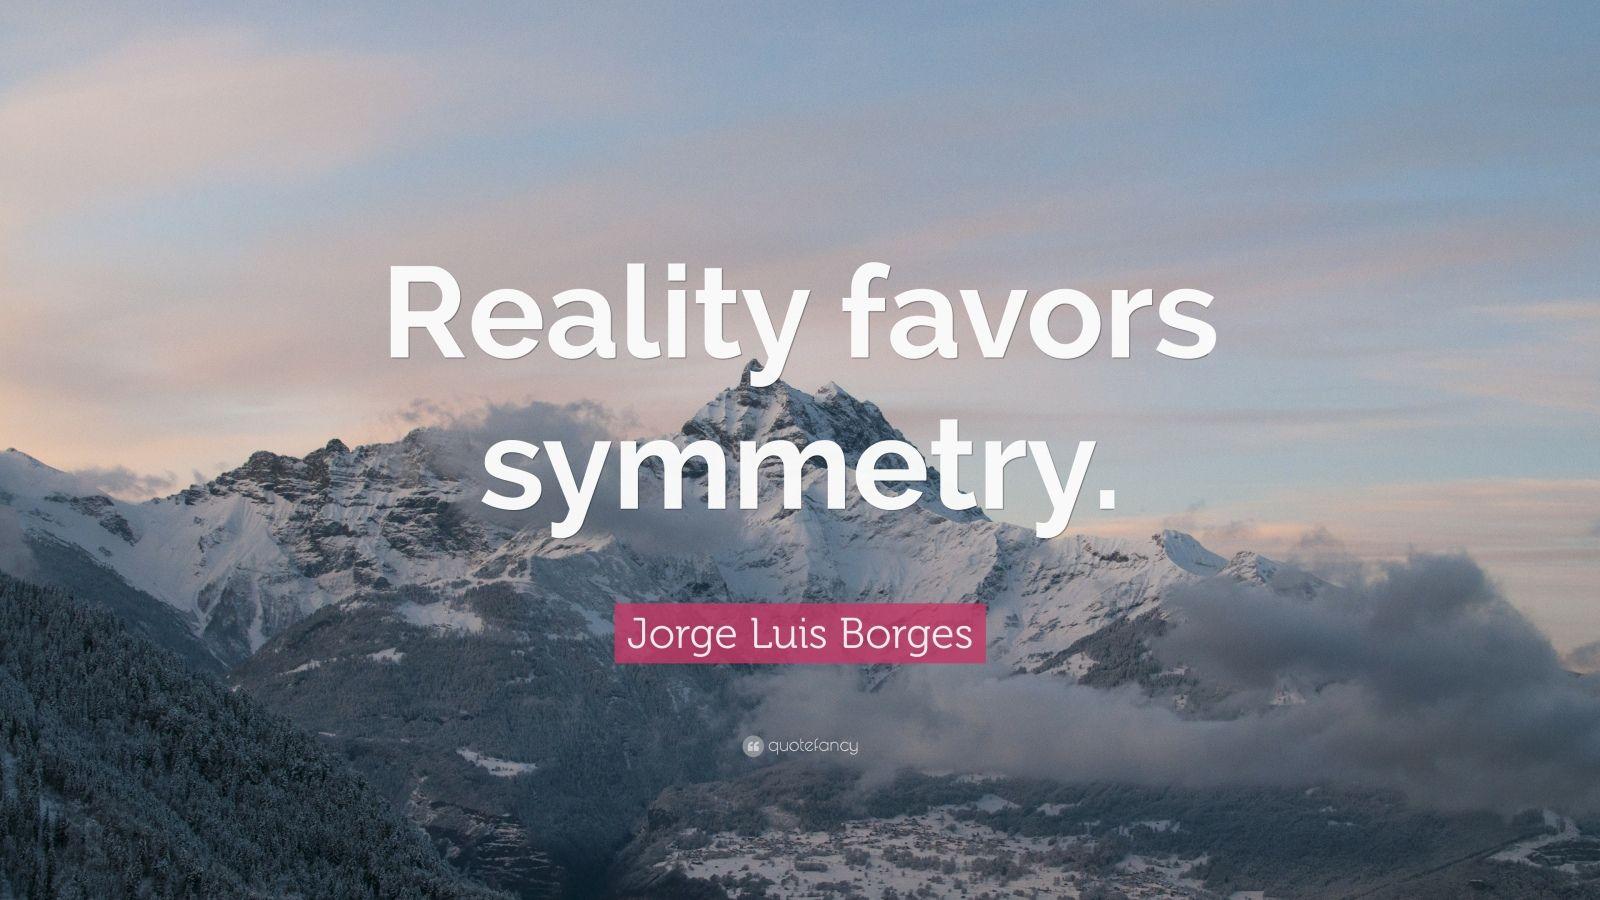 """Jorge Luis Borges Quote: """"Reality favors symmetry."""""""